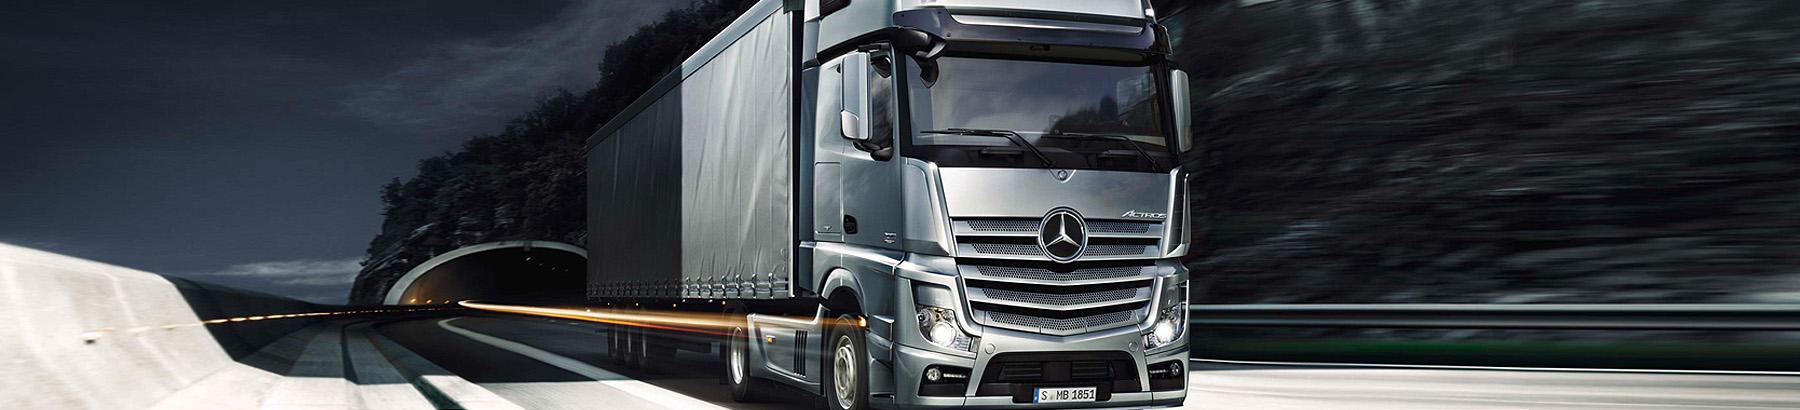 Mercedes-Benz Actros Truck